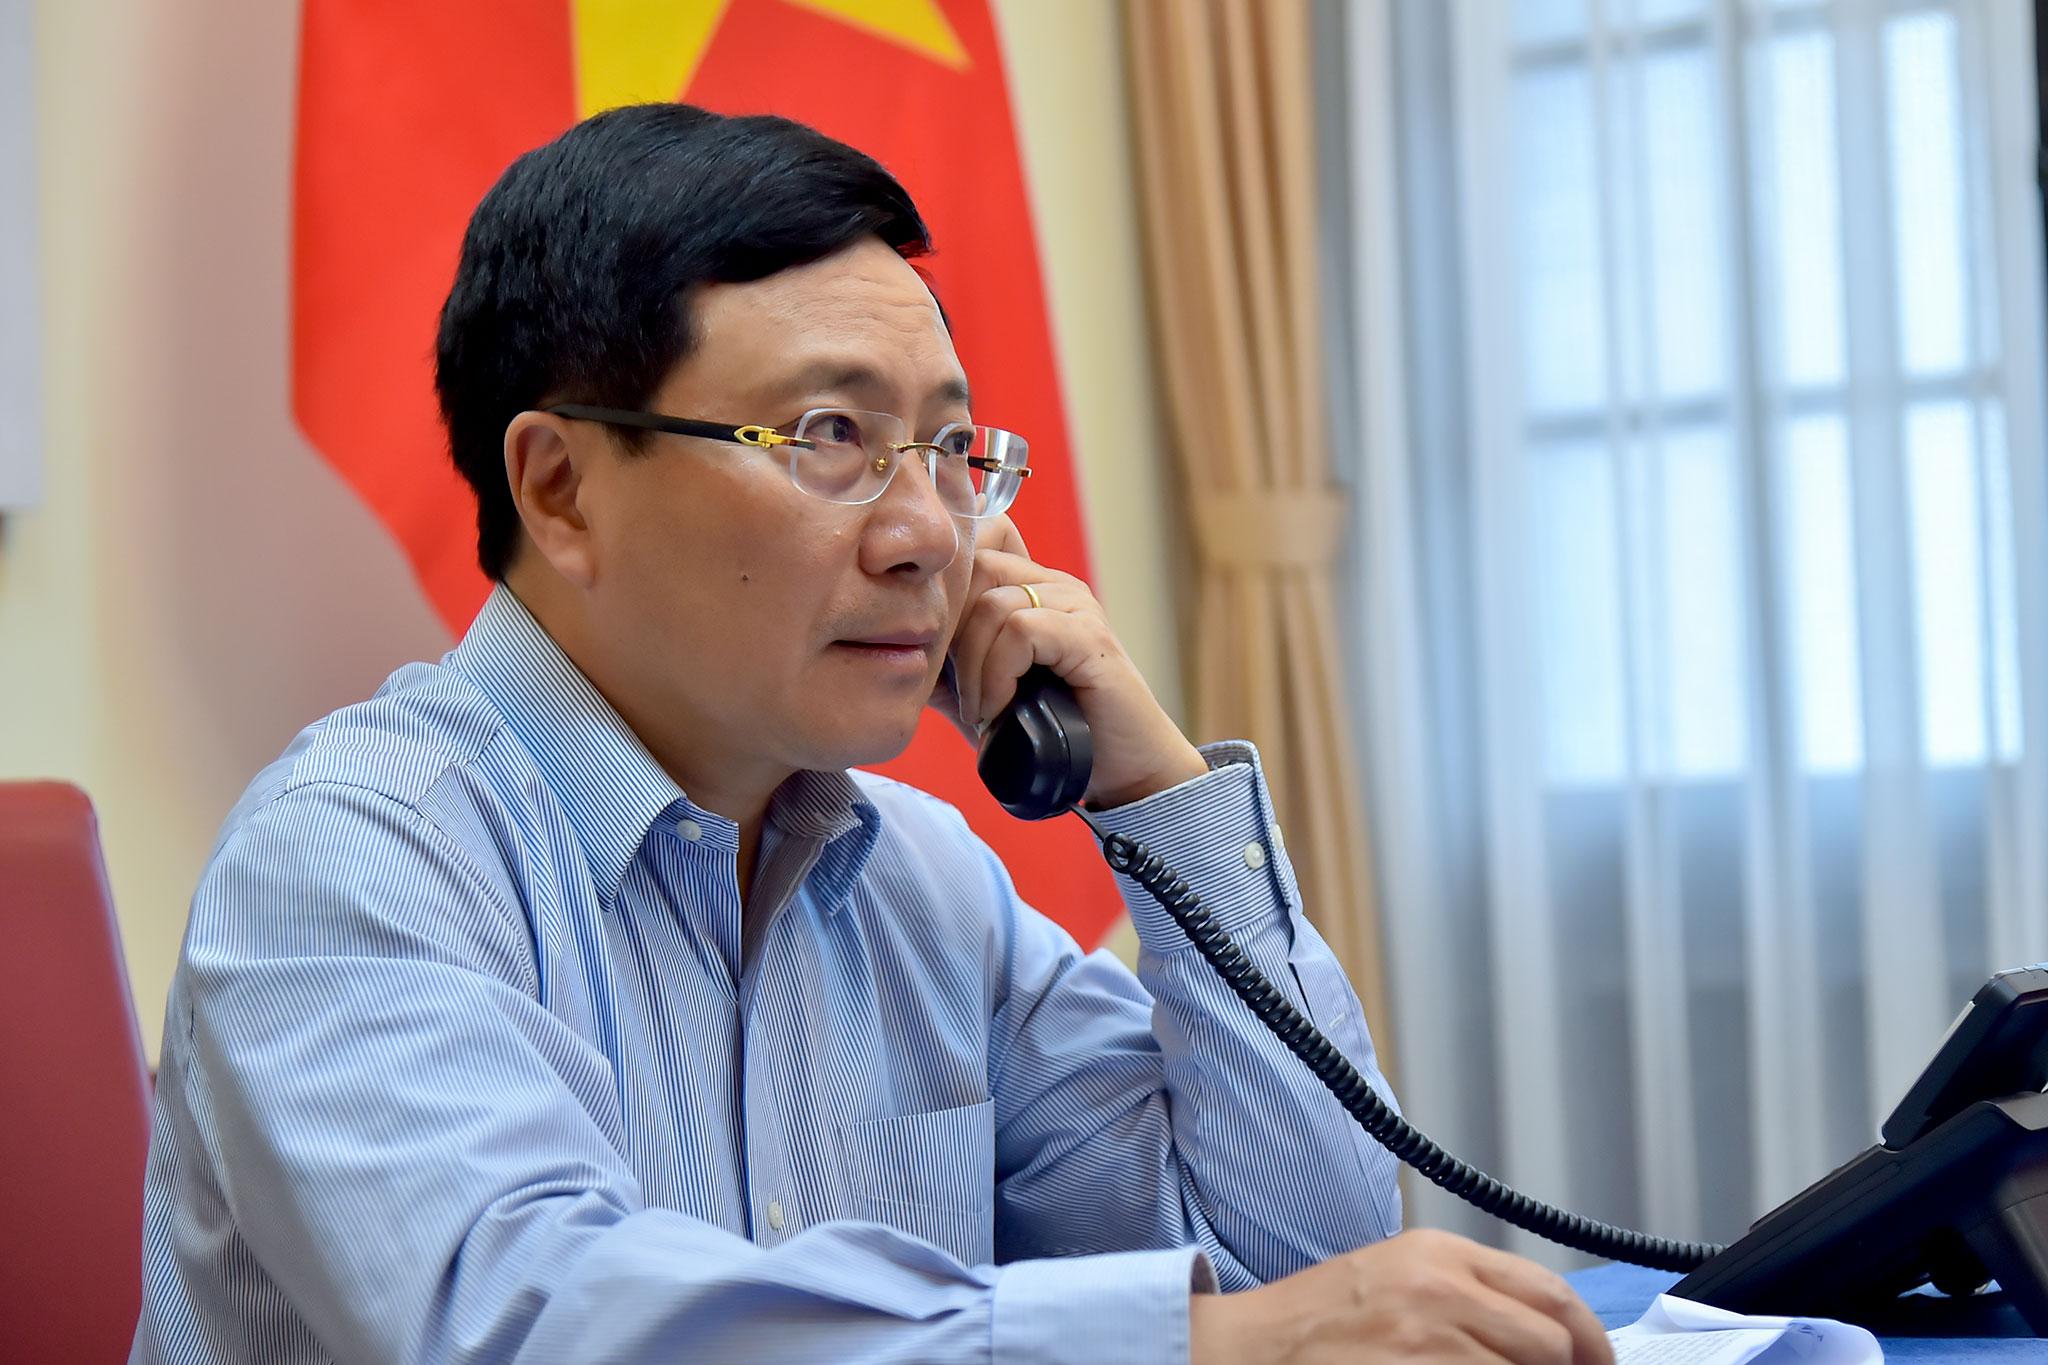 Nhật Bản chúc mừng thành tích ấn tượng của Việt Nam đã kiểm soát được dịch bệnh COVID-19